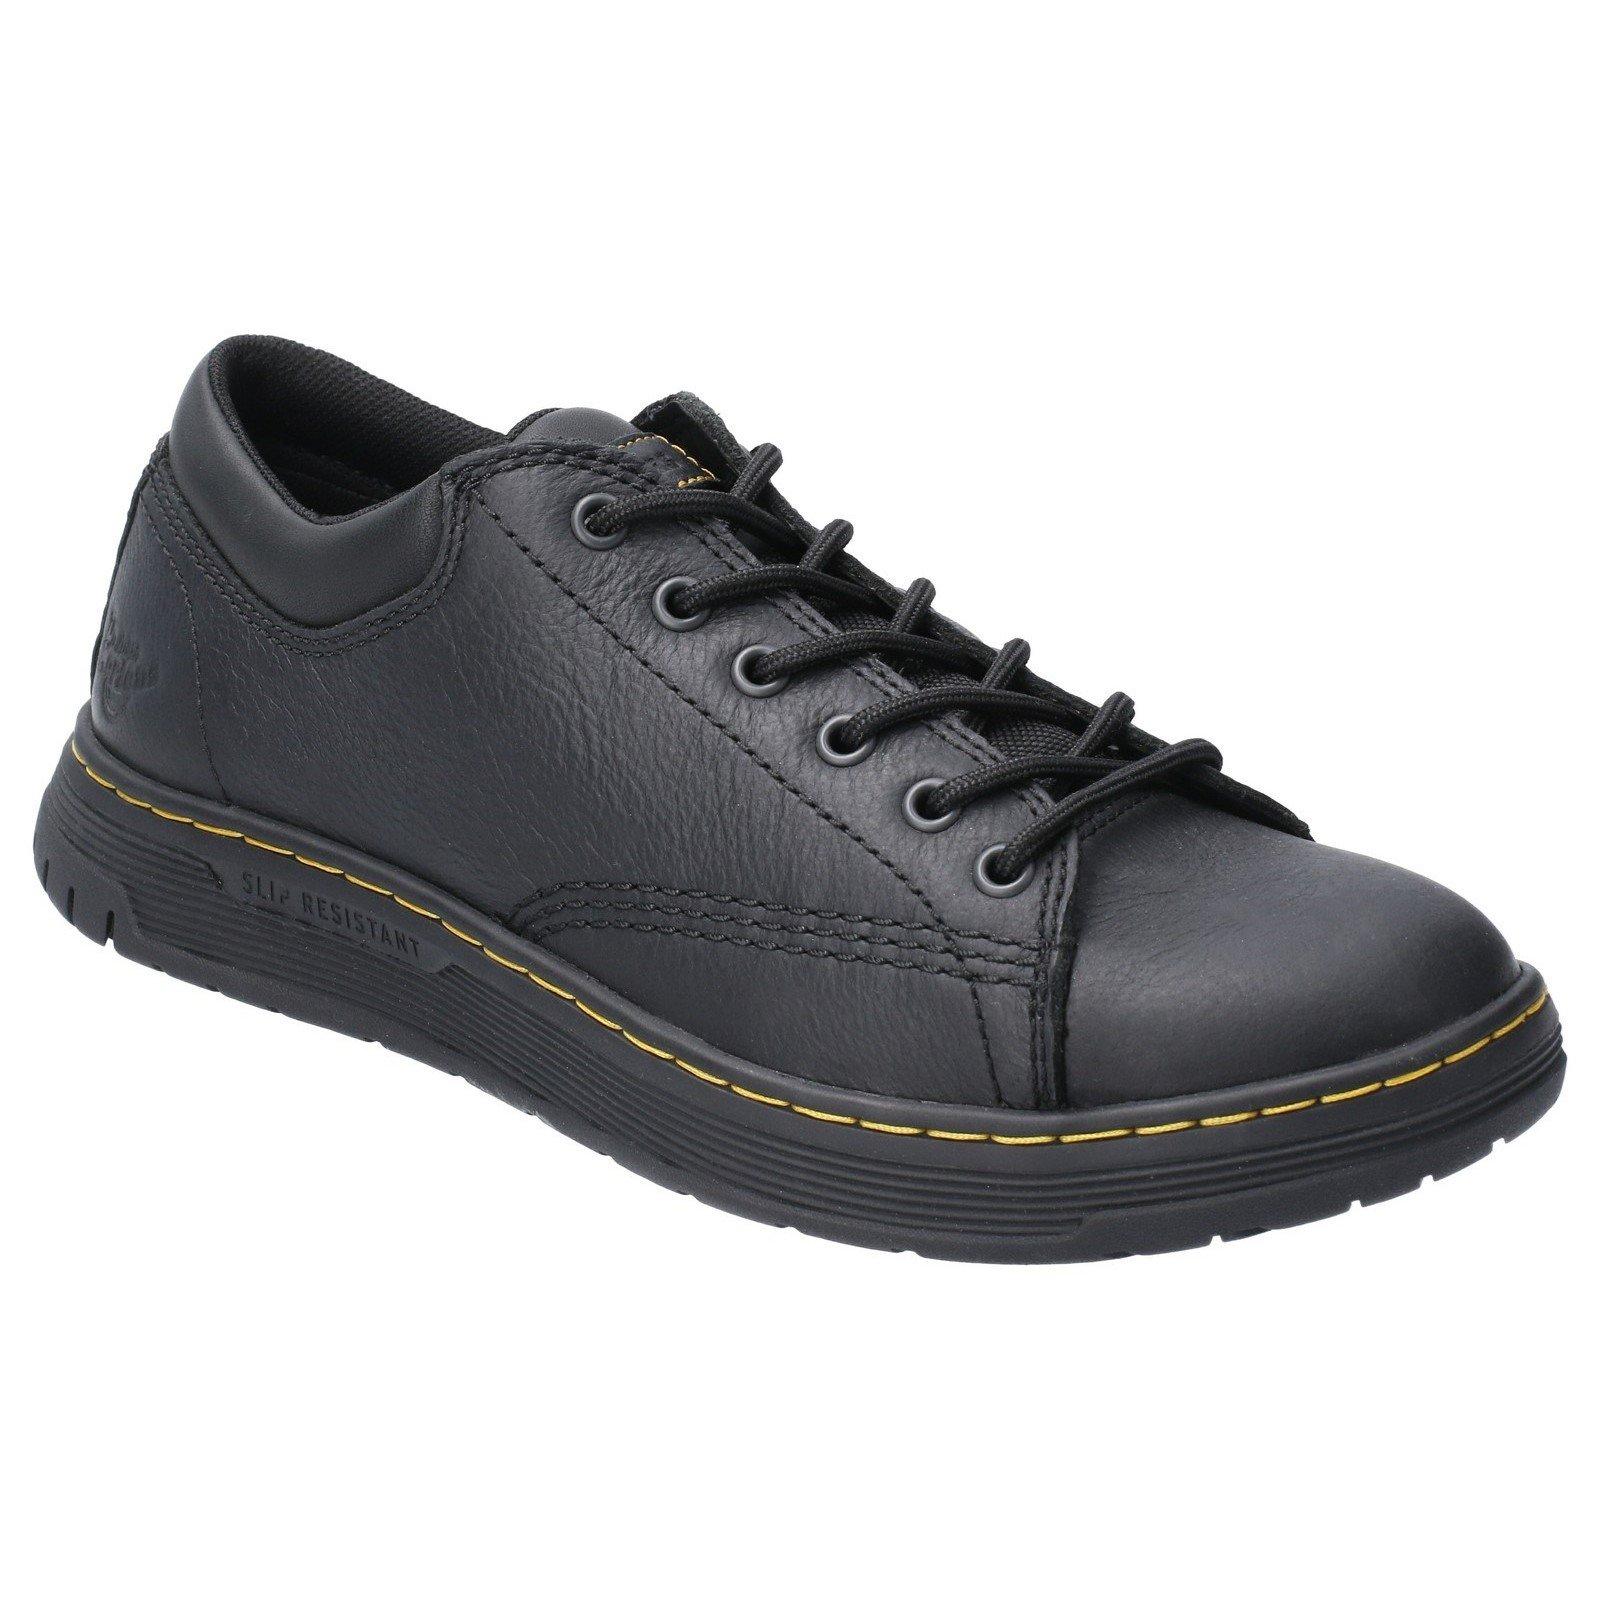 Dr Martens Unisex Maltby SR Lace Trainer Black 29510 - Black 6